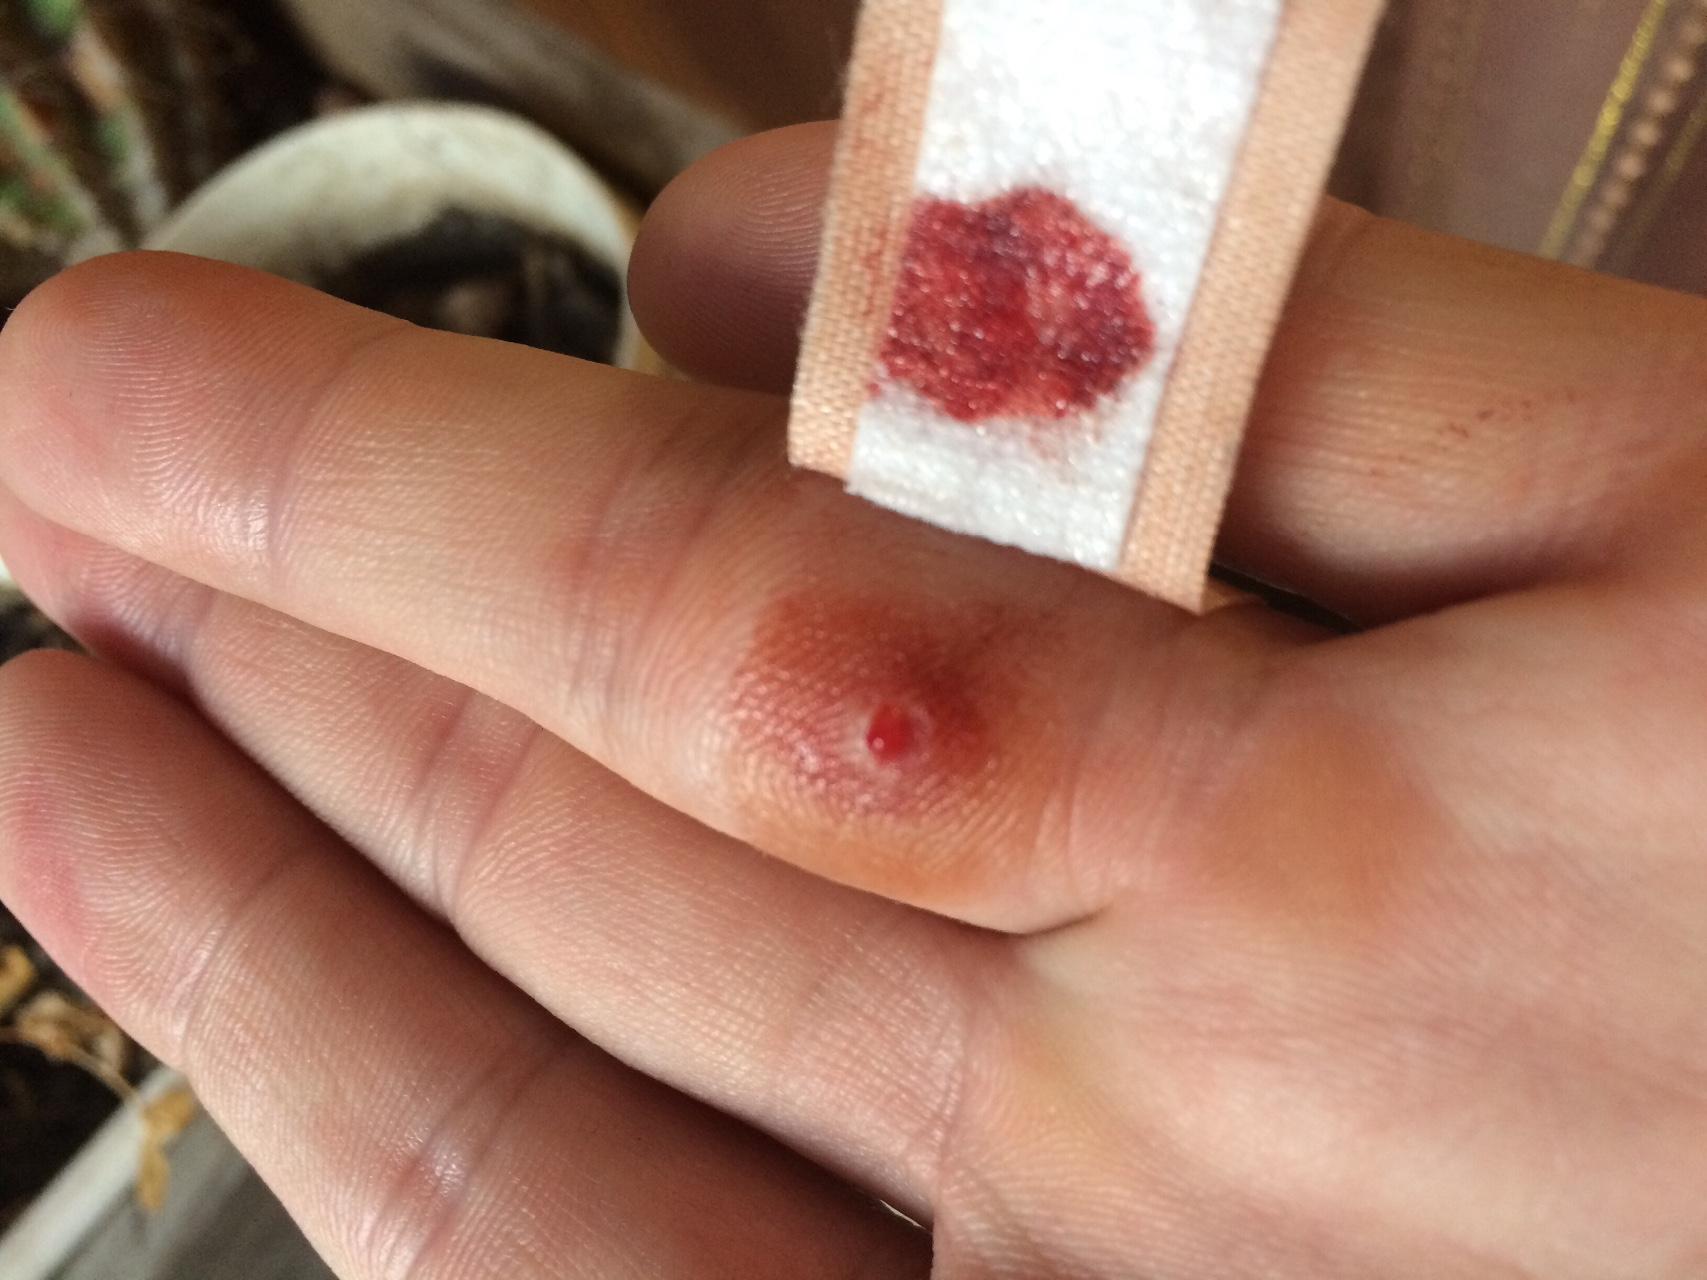 тромб на пальце руки фото